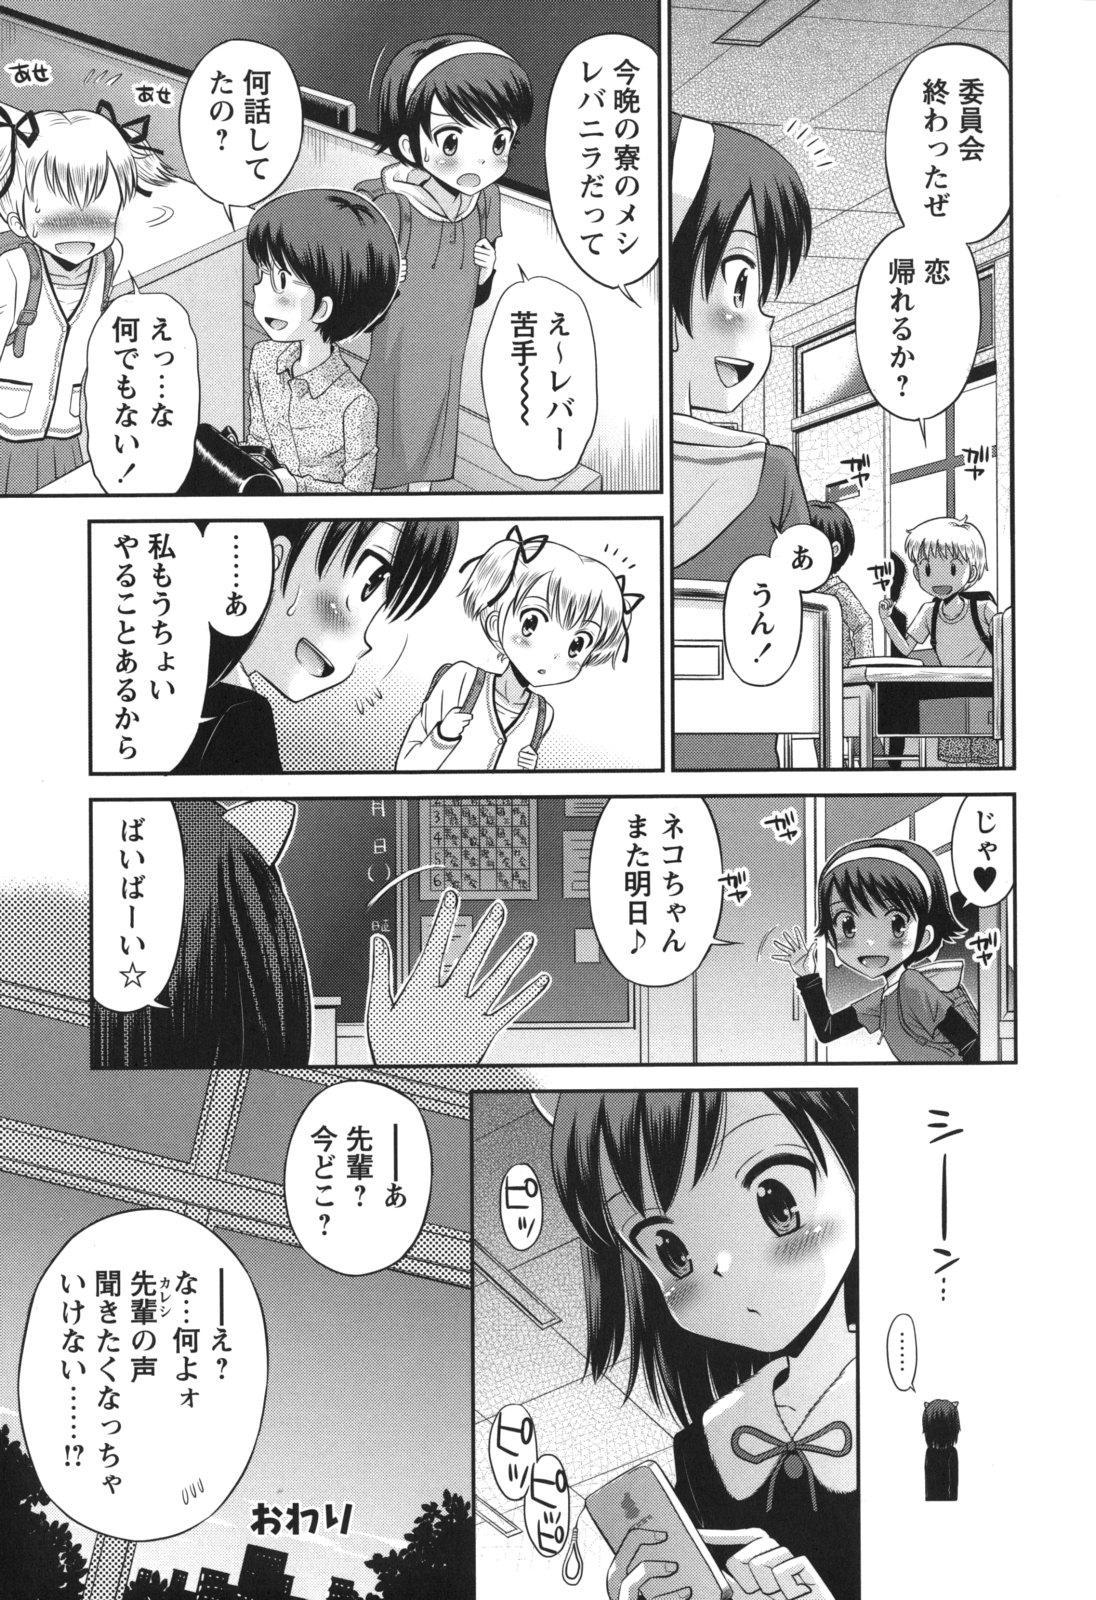 SOS! Sukebe na Osananajimi ga Shinobikondekimashita. 225